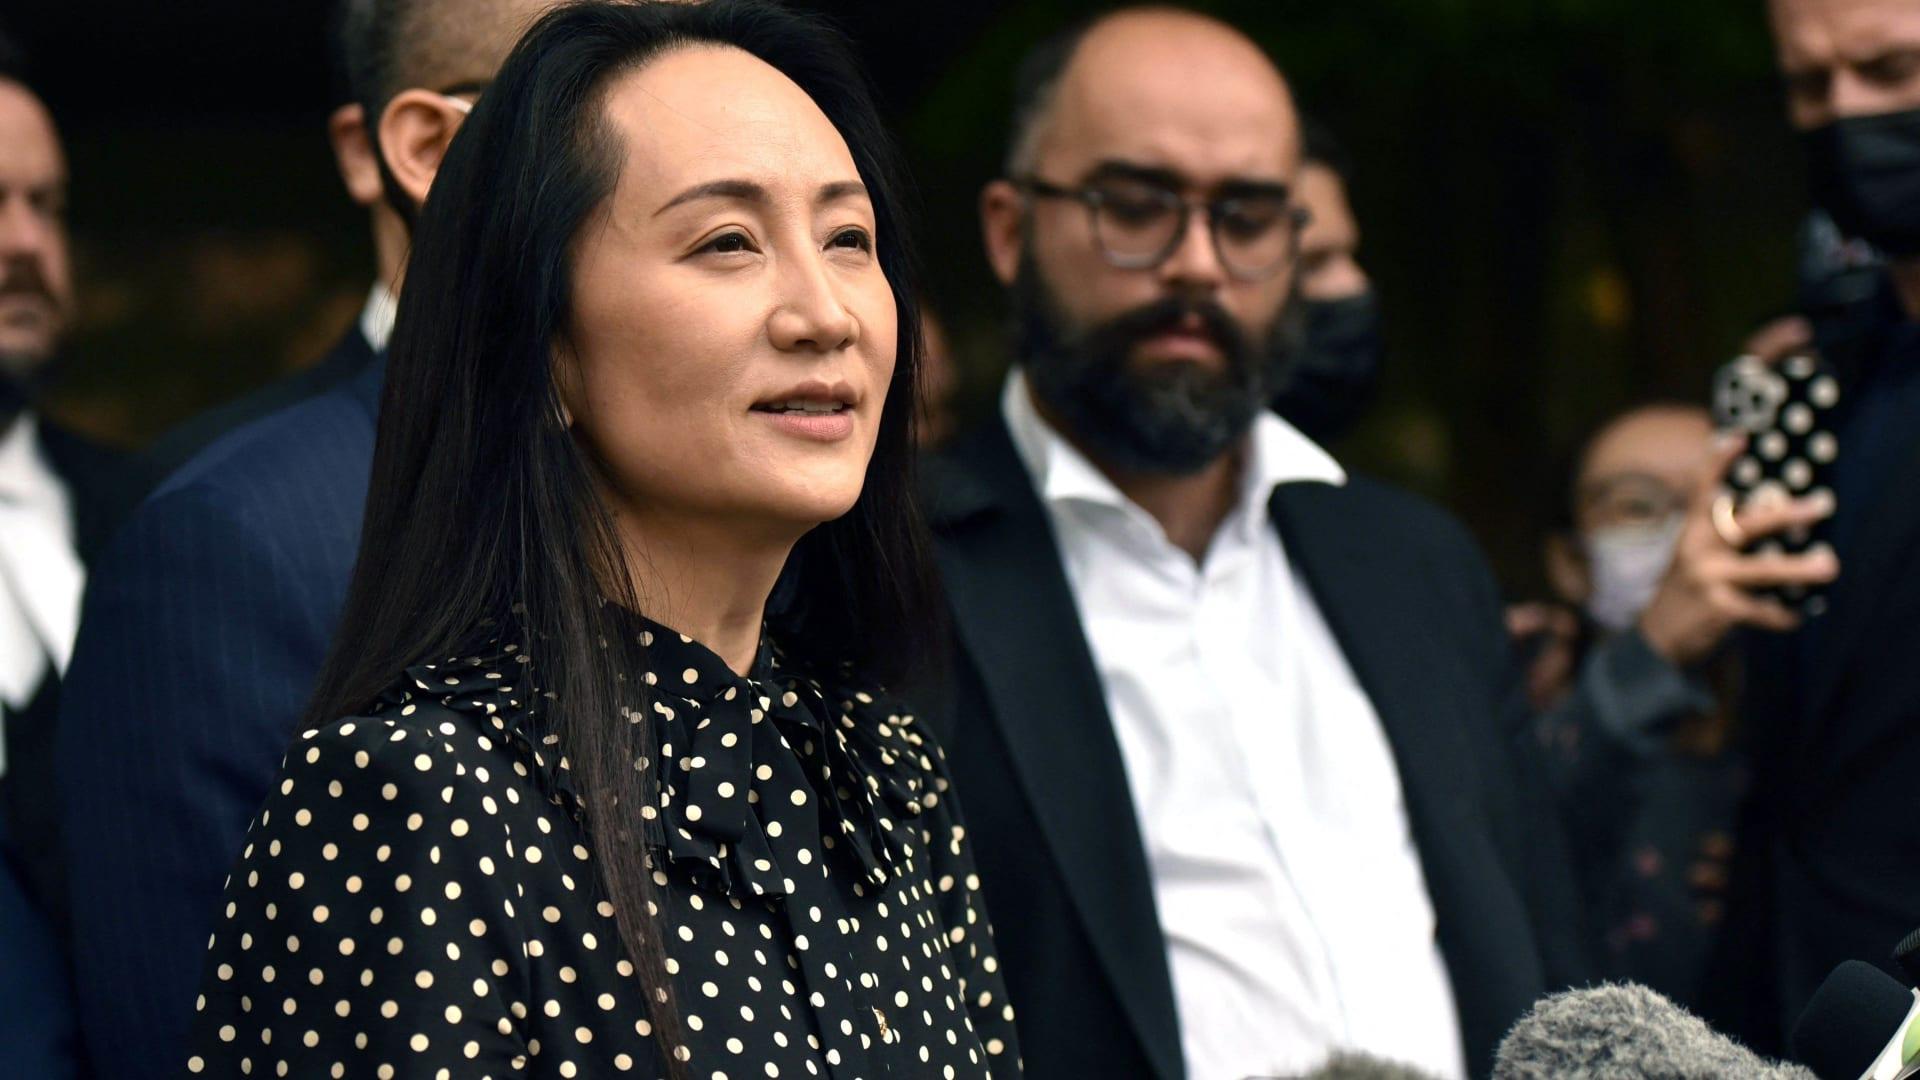 """كندا تطلق سراح """"أميرة هواوي"""".. والصين تفرج عن كنديين تحتجزهما منذ 3 سنوات"""